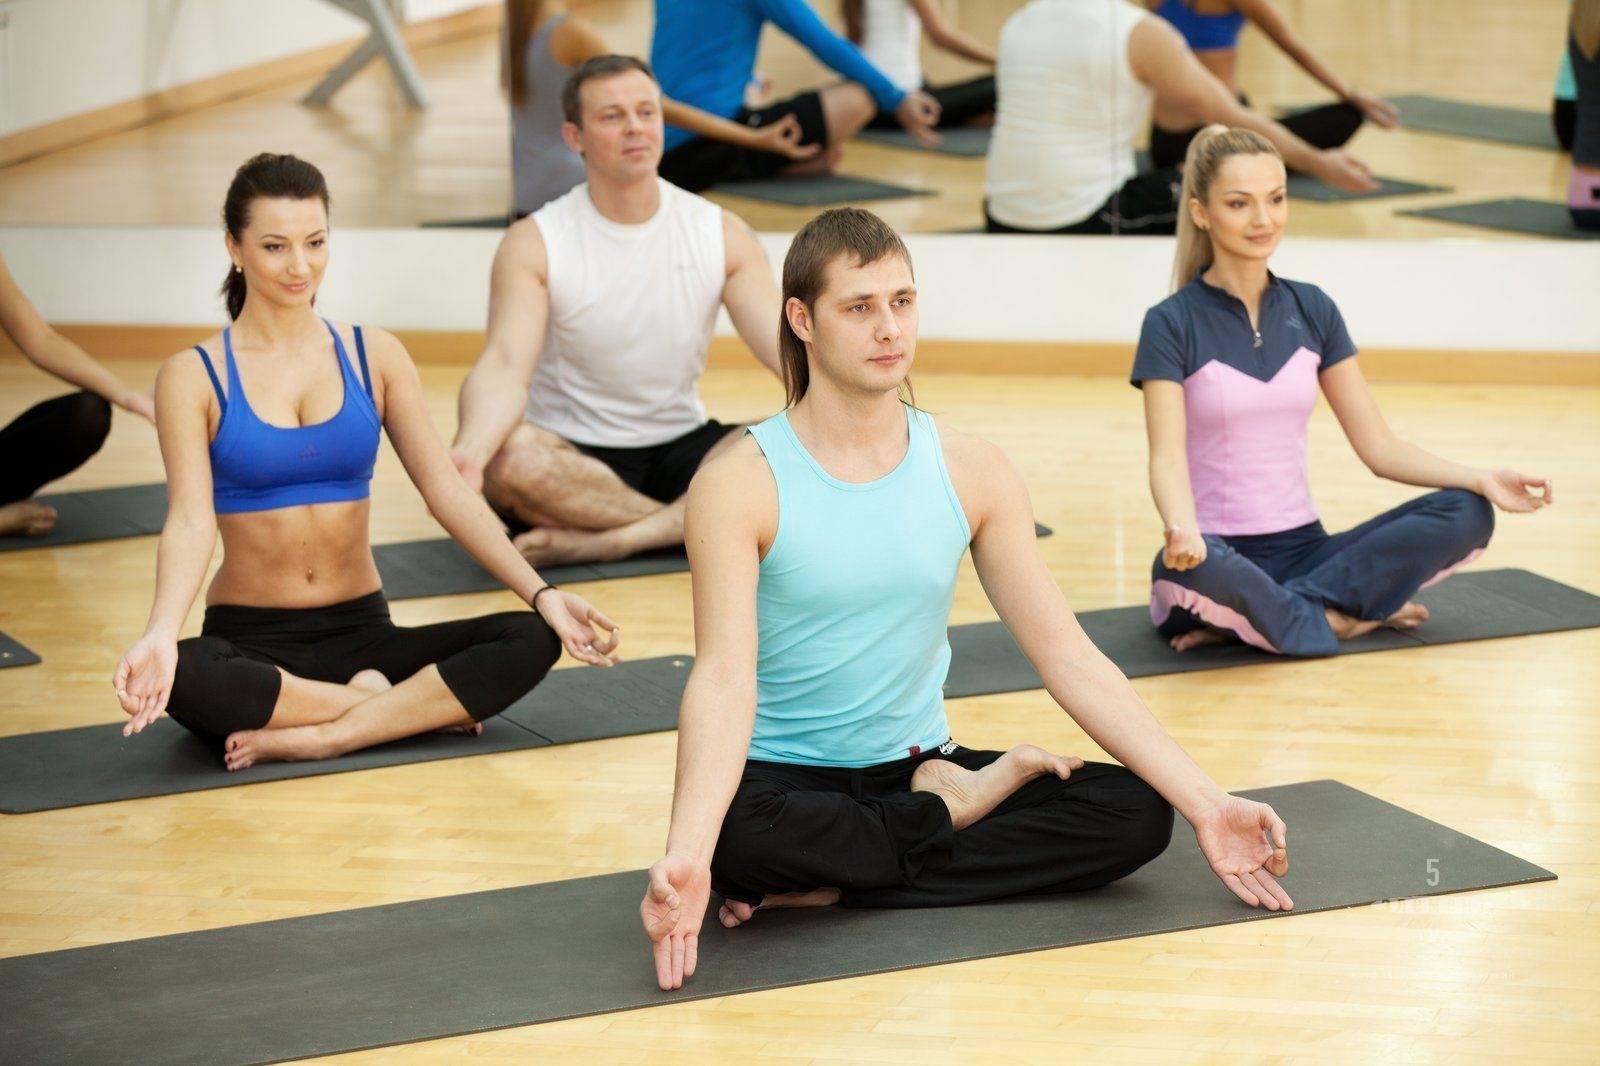 Для новичка йоги. краткая инструкция. что надо знать о йоге новичку?   реал йога клуб